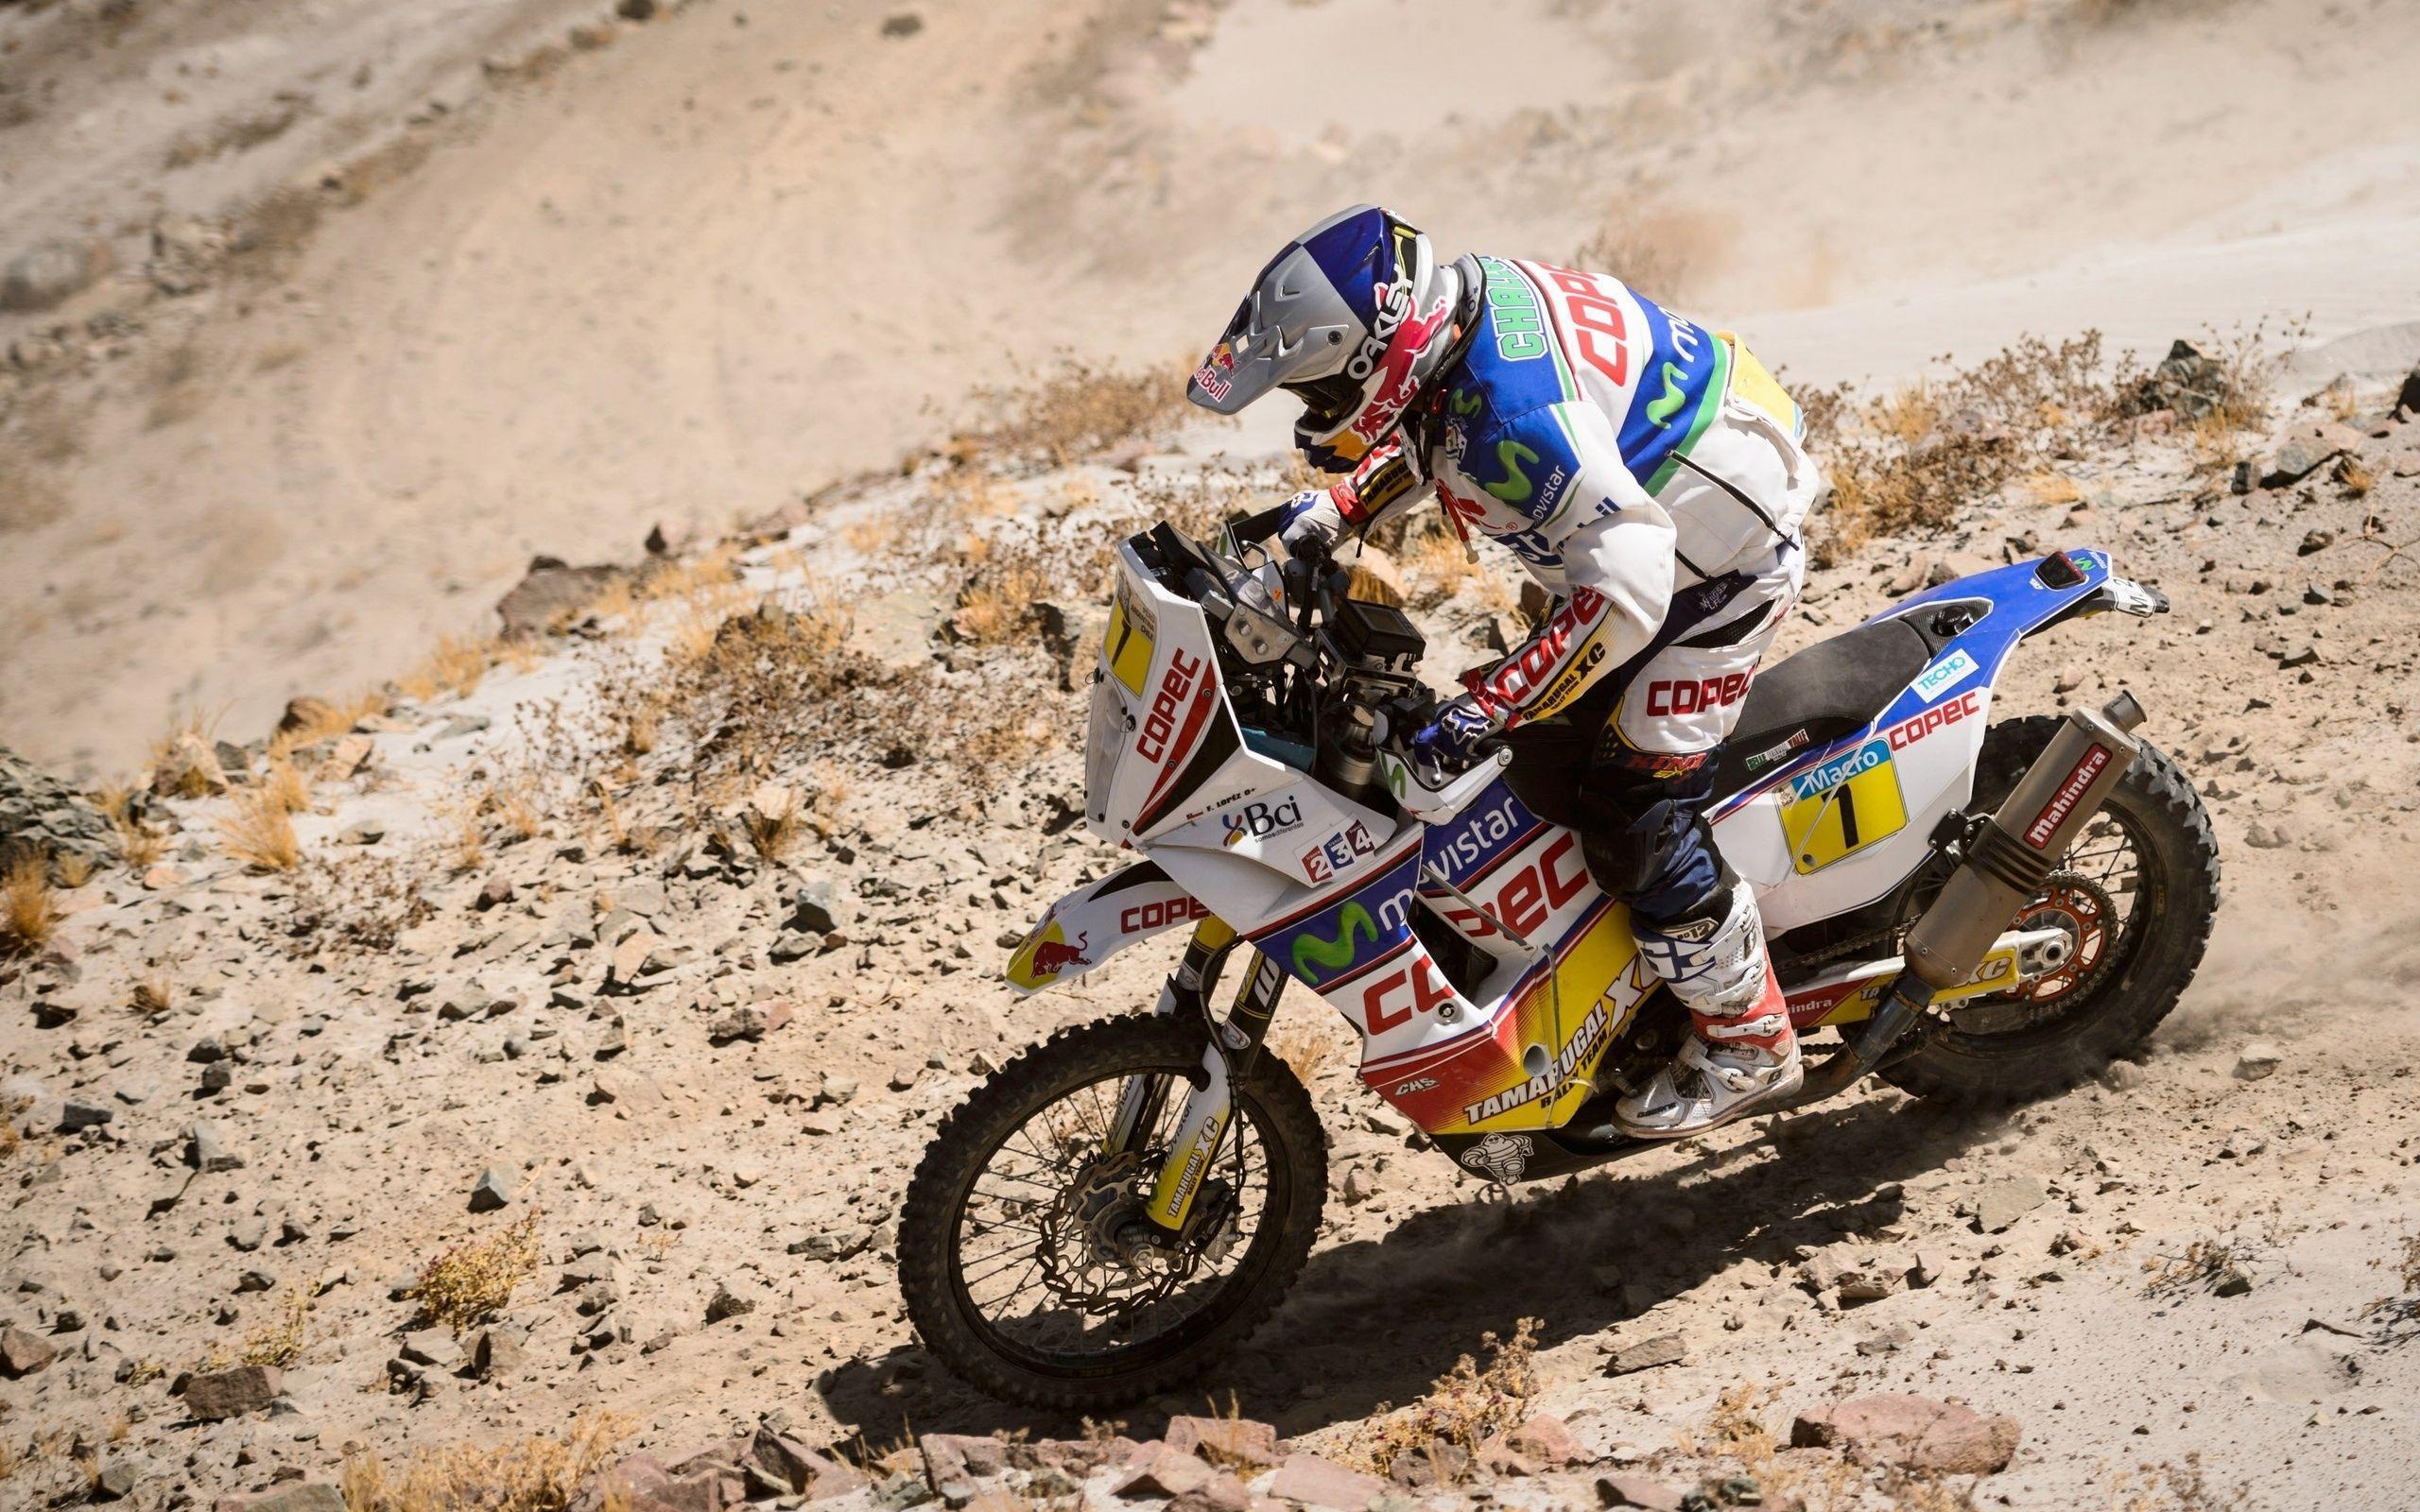 2560x1600 Dakar, Red Bull, Motorcycle, Dakar, Racer, Rally, Moto ...